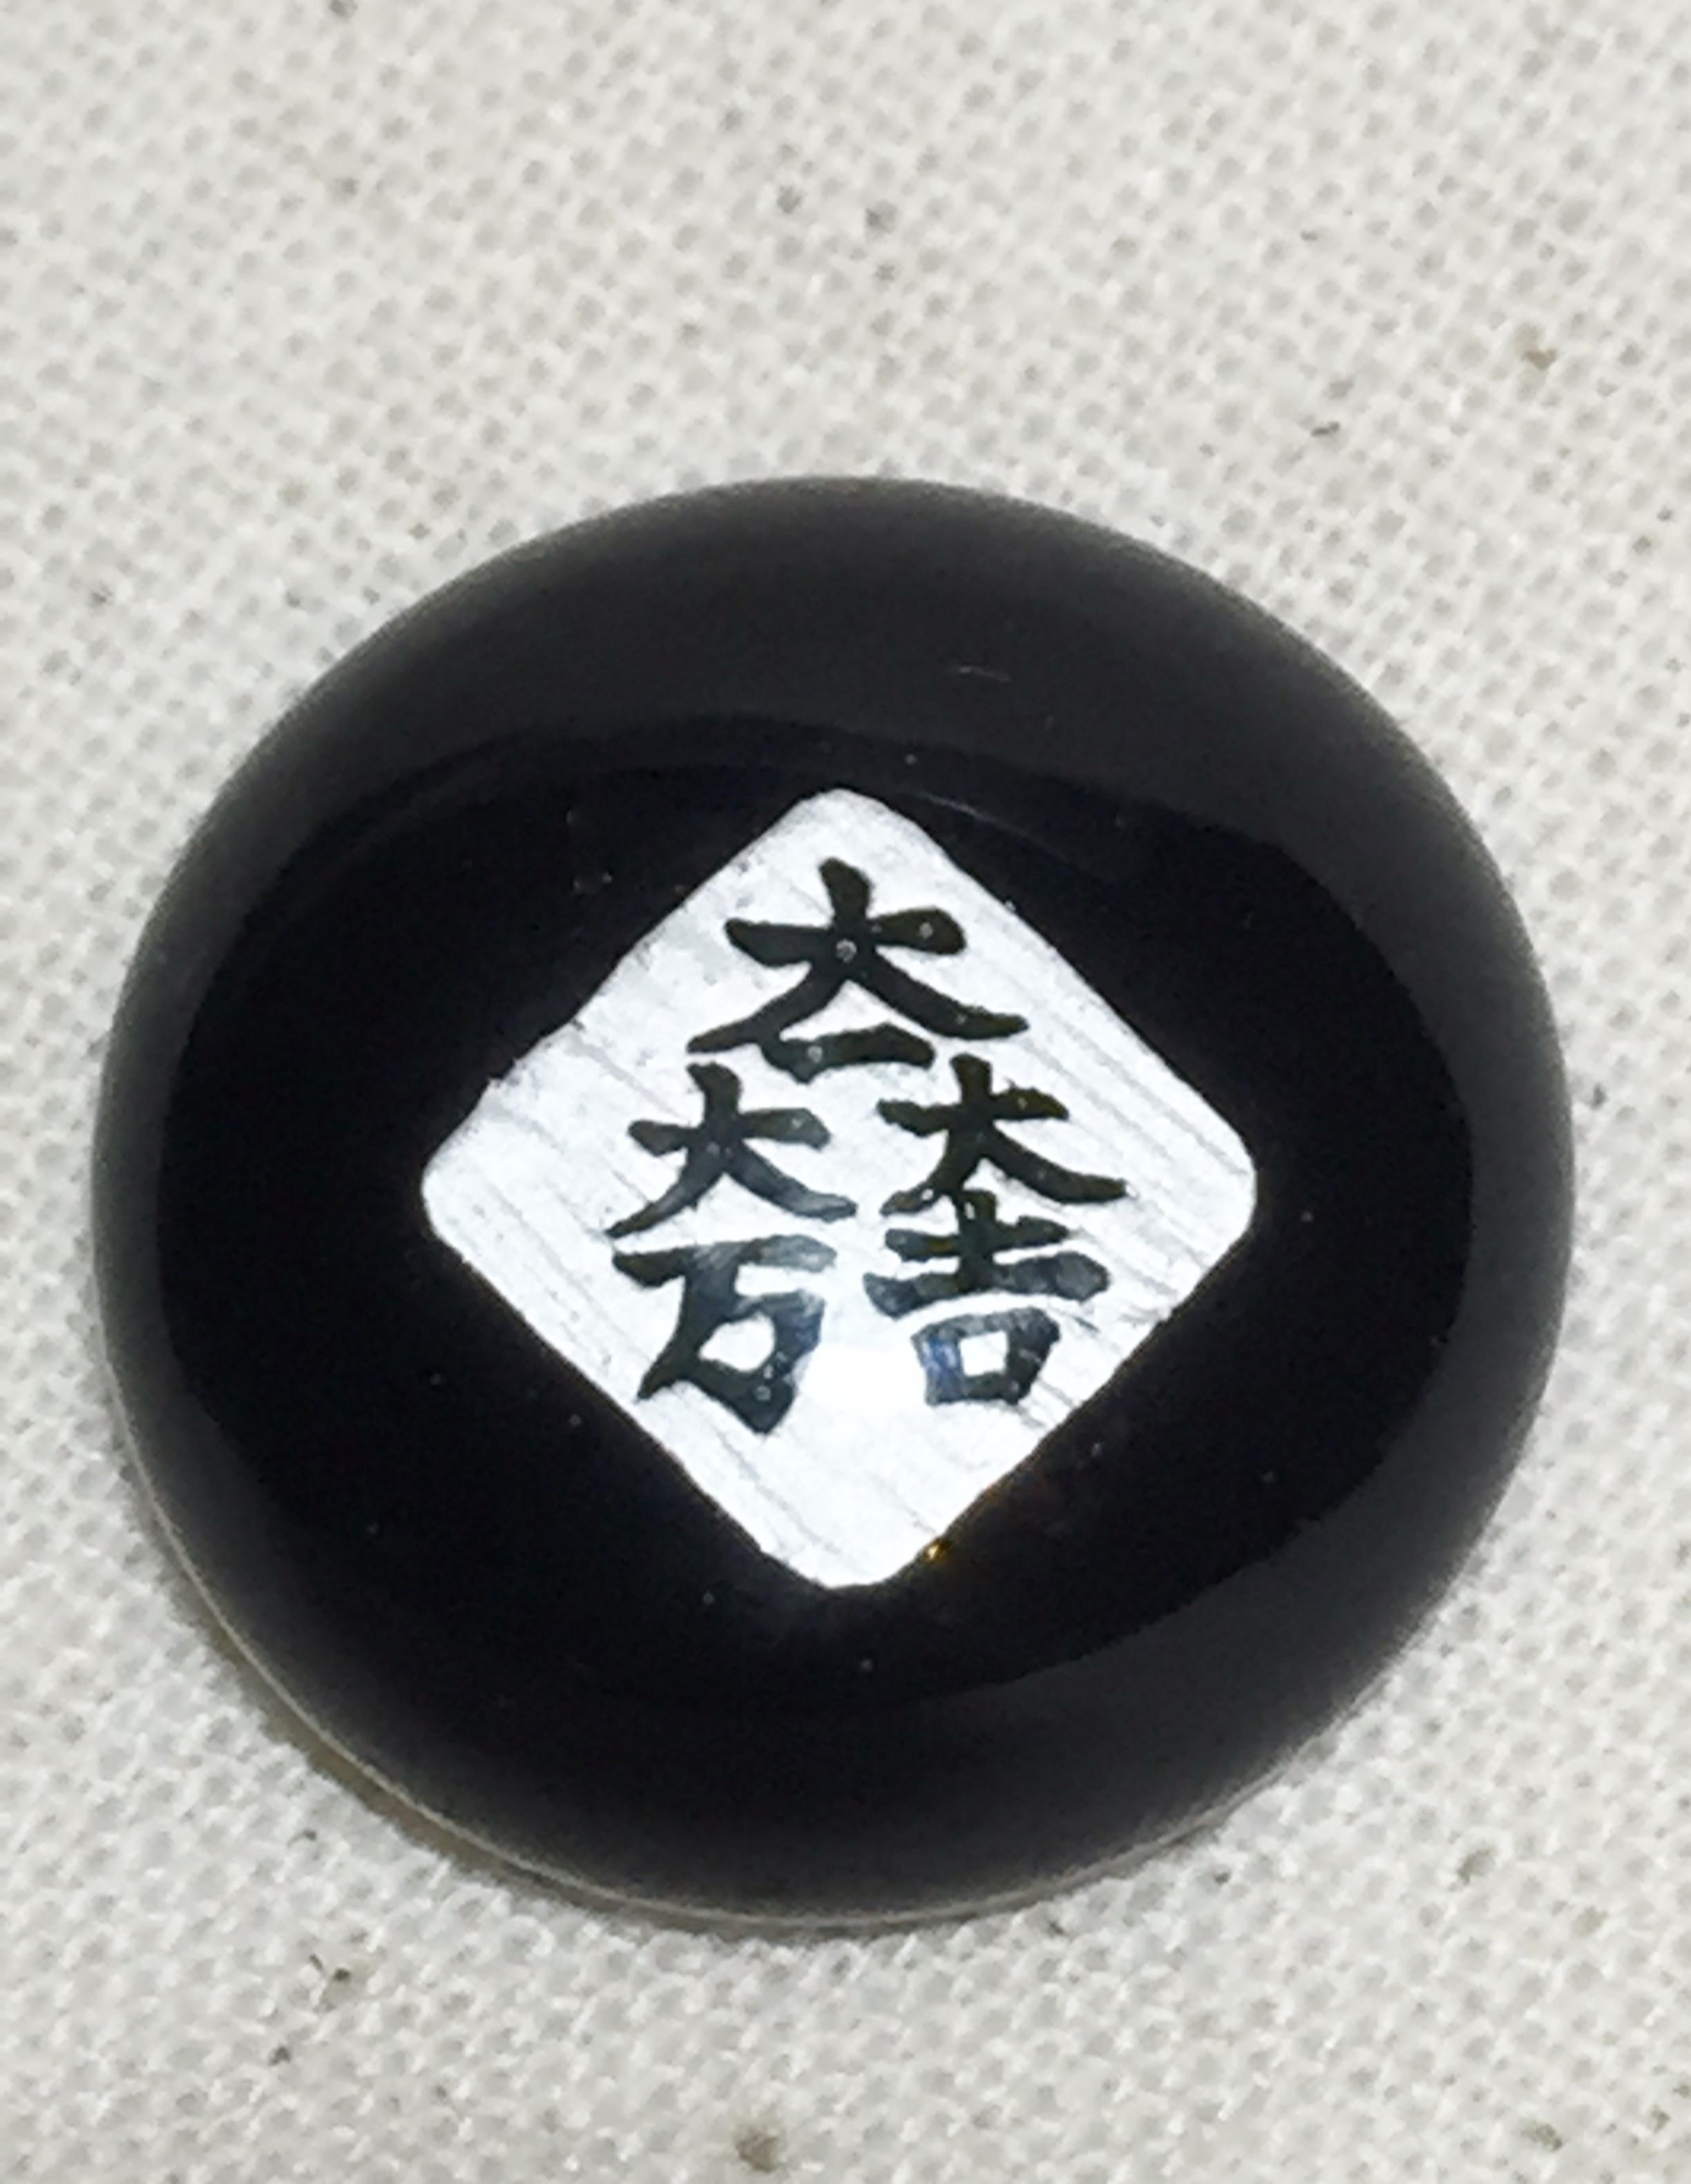 石田三成旗印 大一大万大吉ピンバッジ